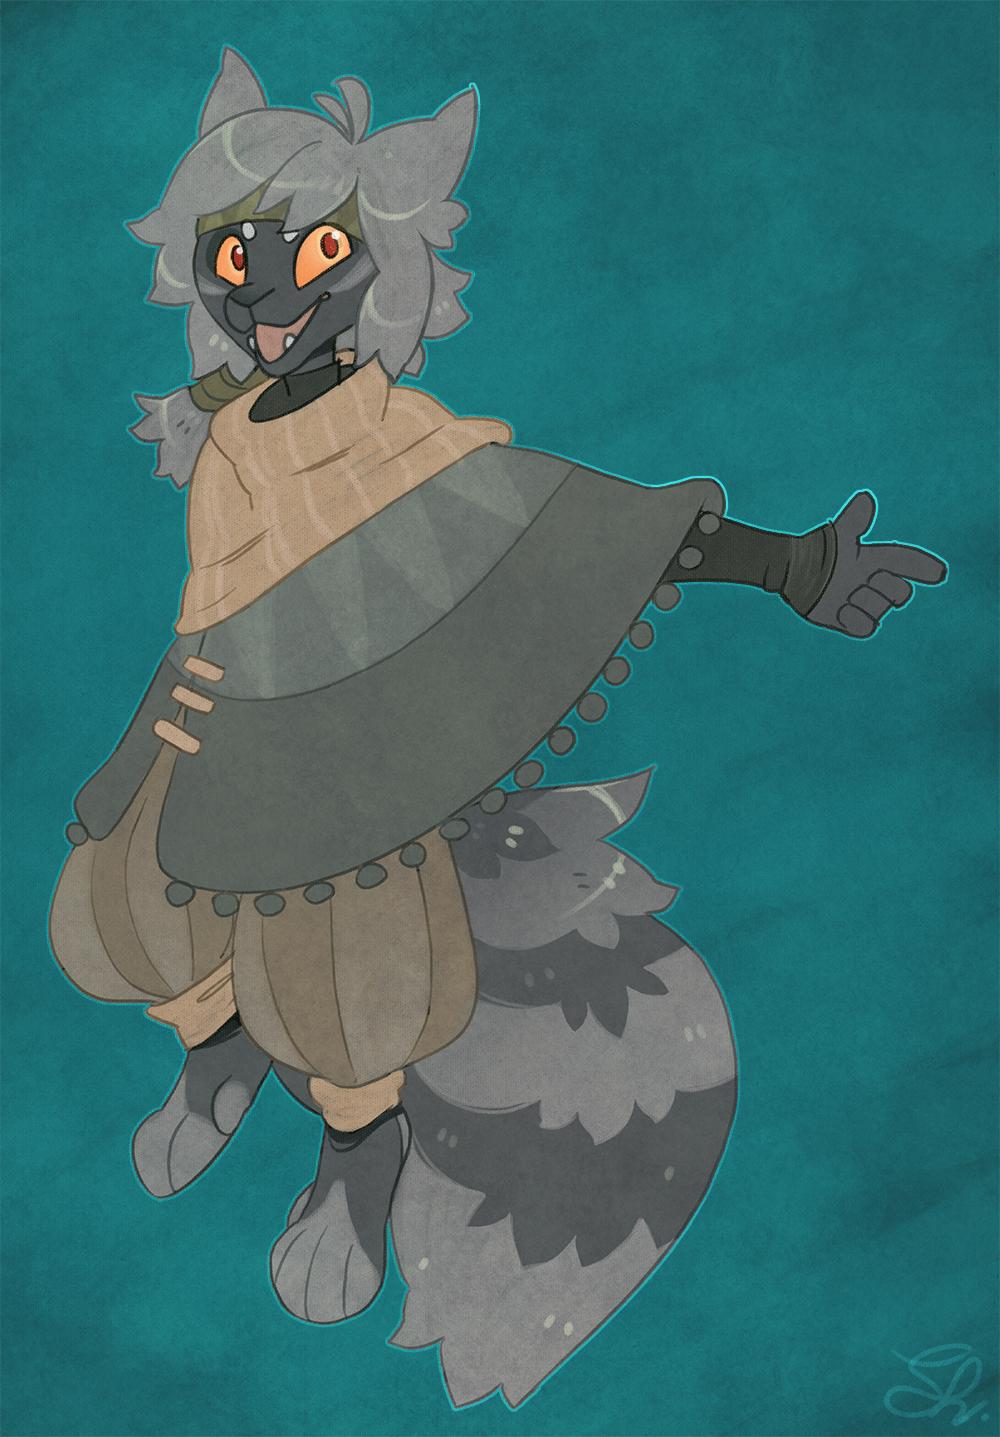 Fox kid by Shegoran